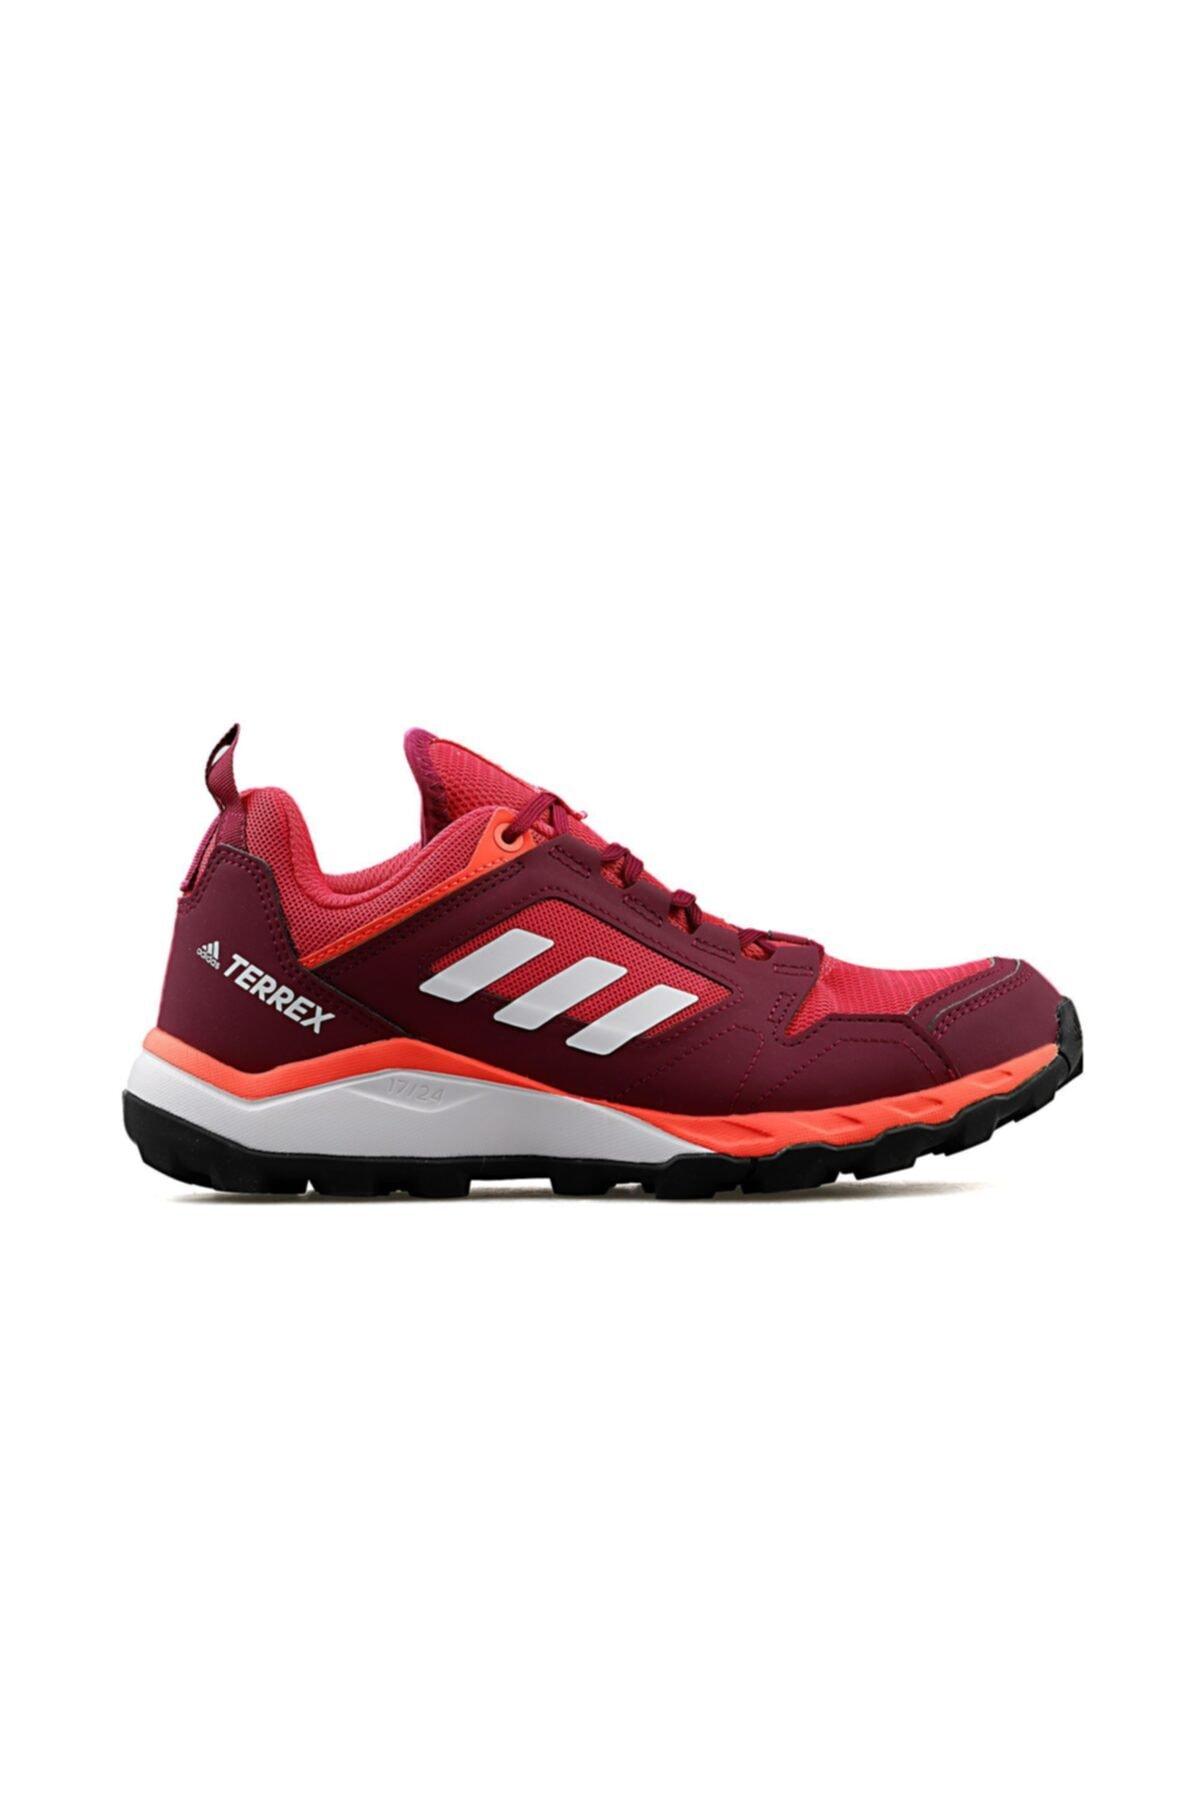 adidas Pembe-bordo Kadın Outdoor Ayakkabısı Fv2491 Terrex Agravic Lt W 1